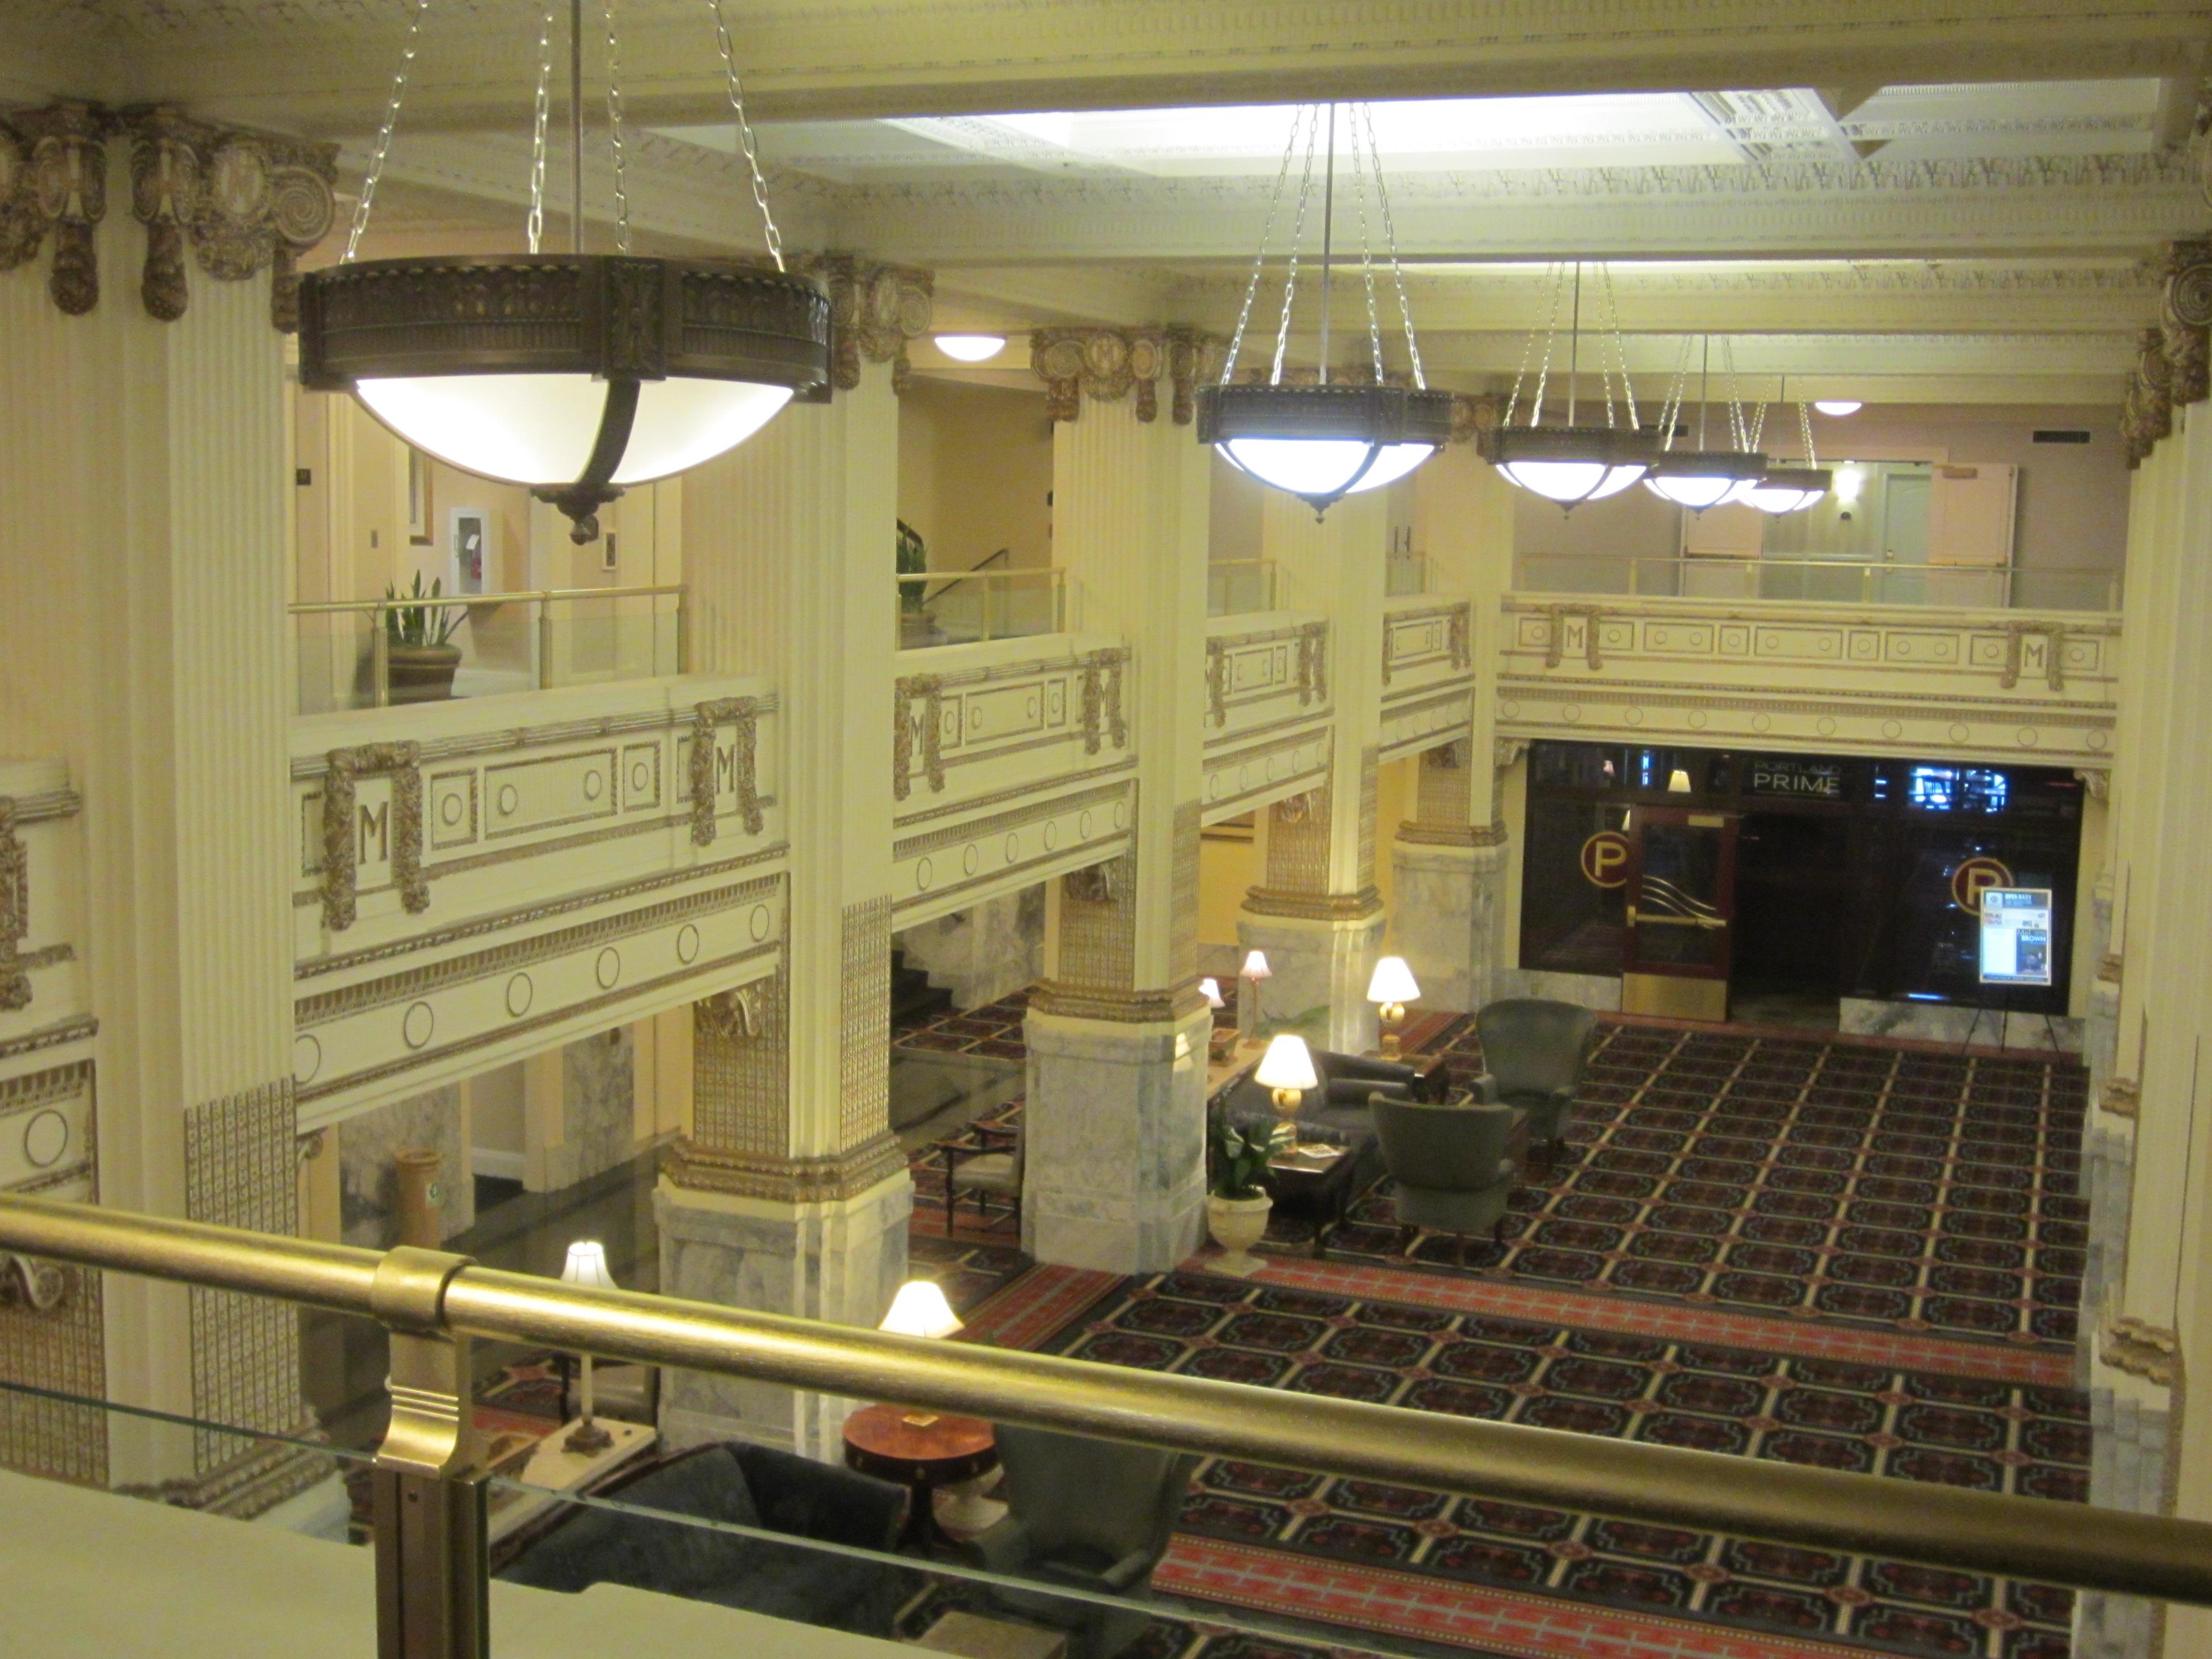 Hotel Suites In Torrance Ca